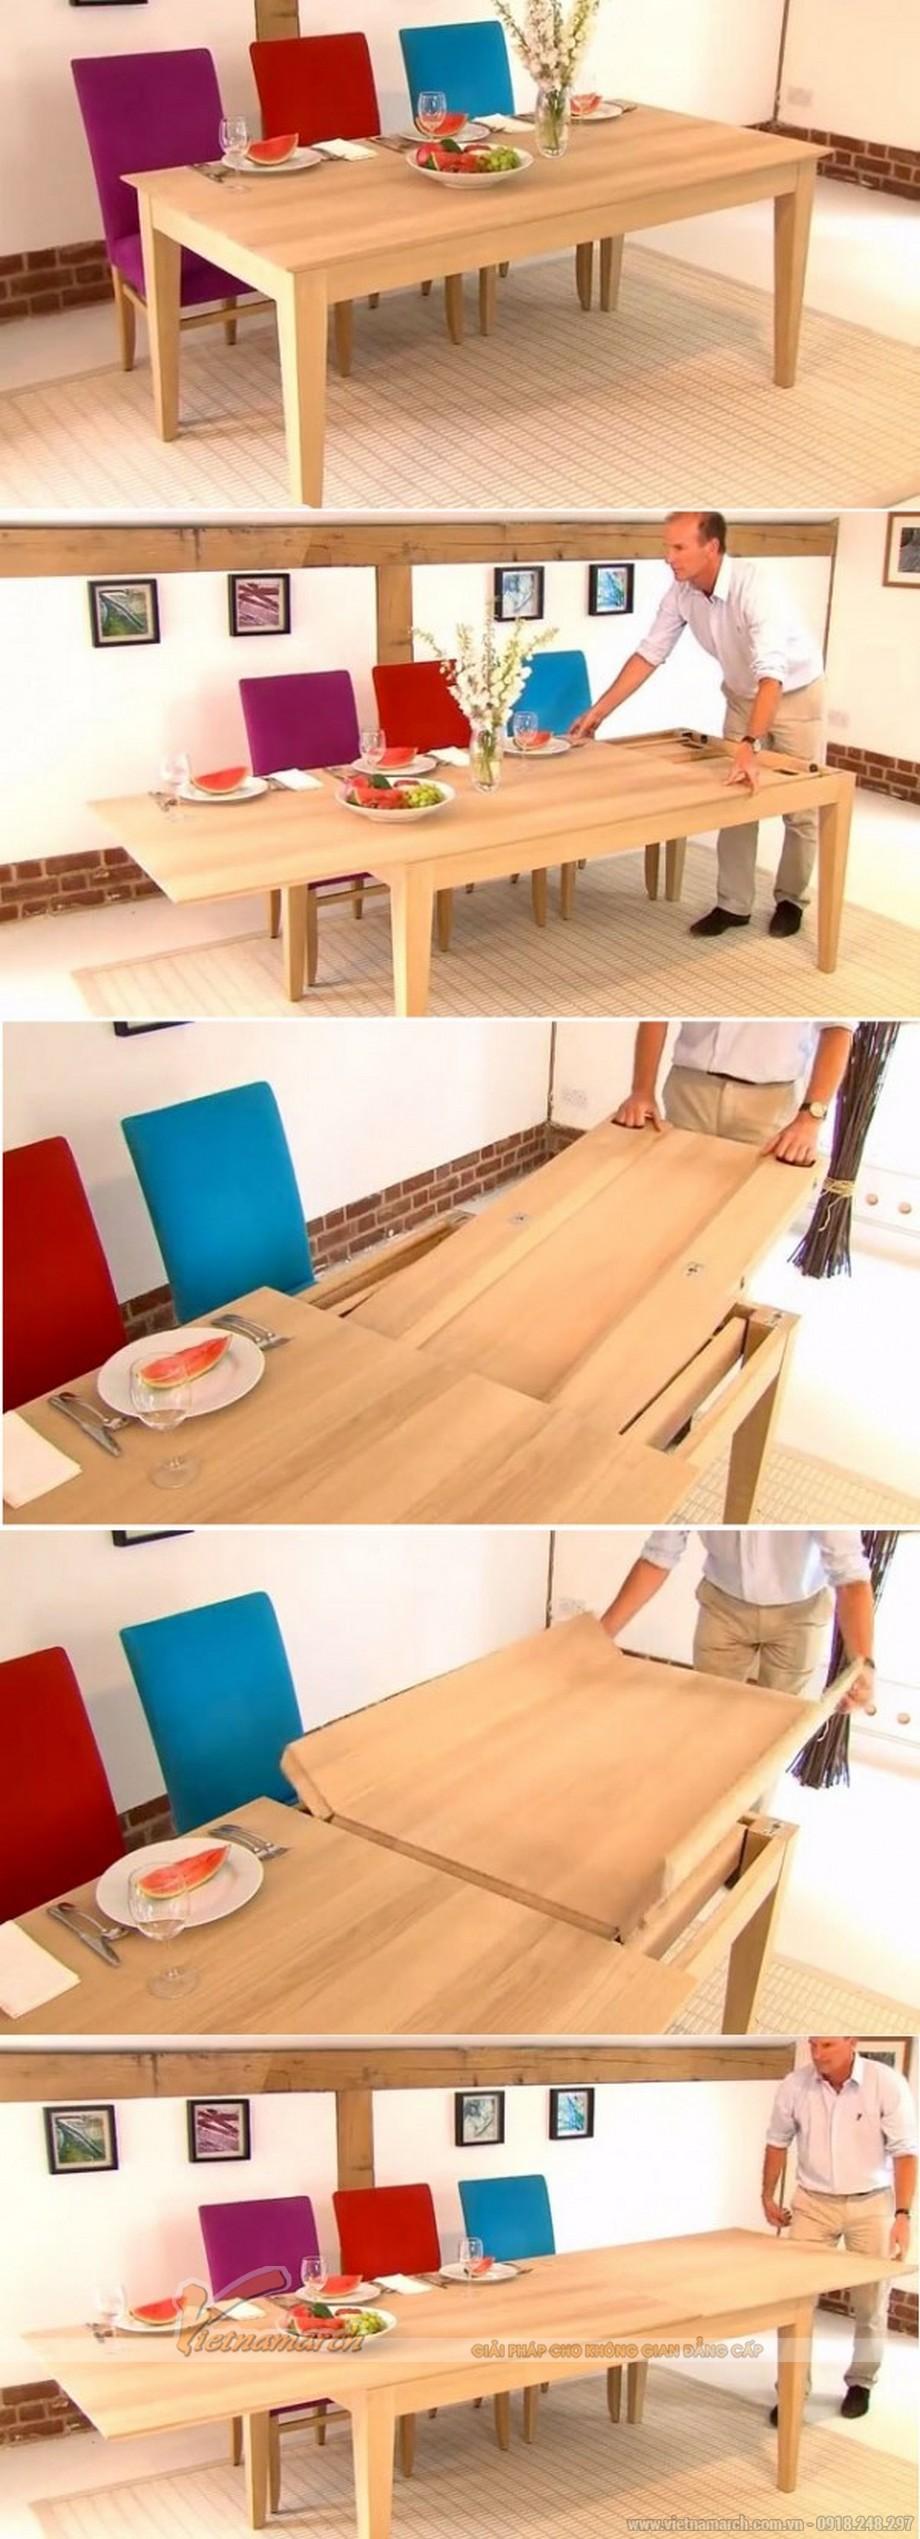 Chiếc bàn ăn nhỏ có thể kéo dài ra thành bàn ăn cho nhiều người